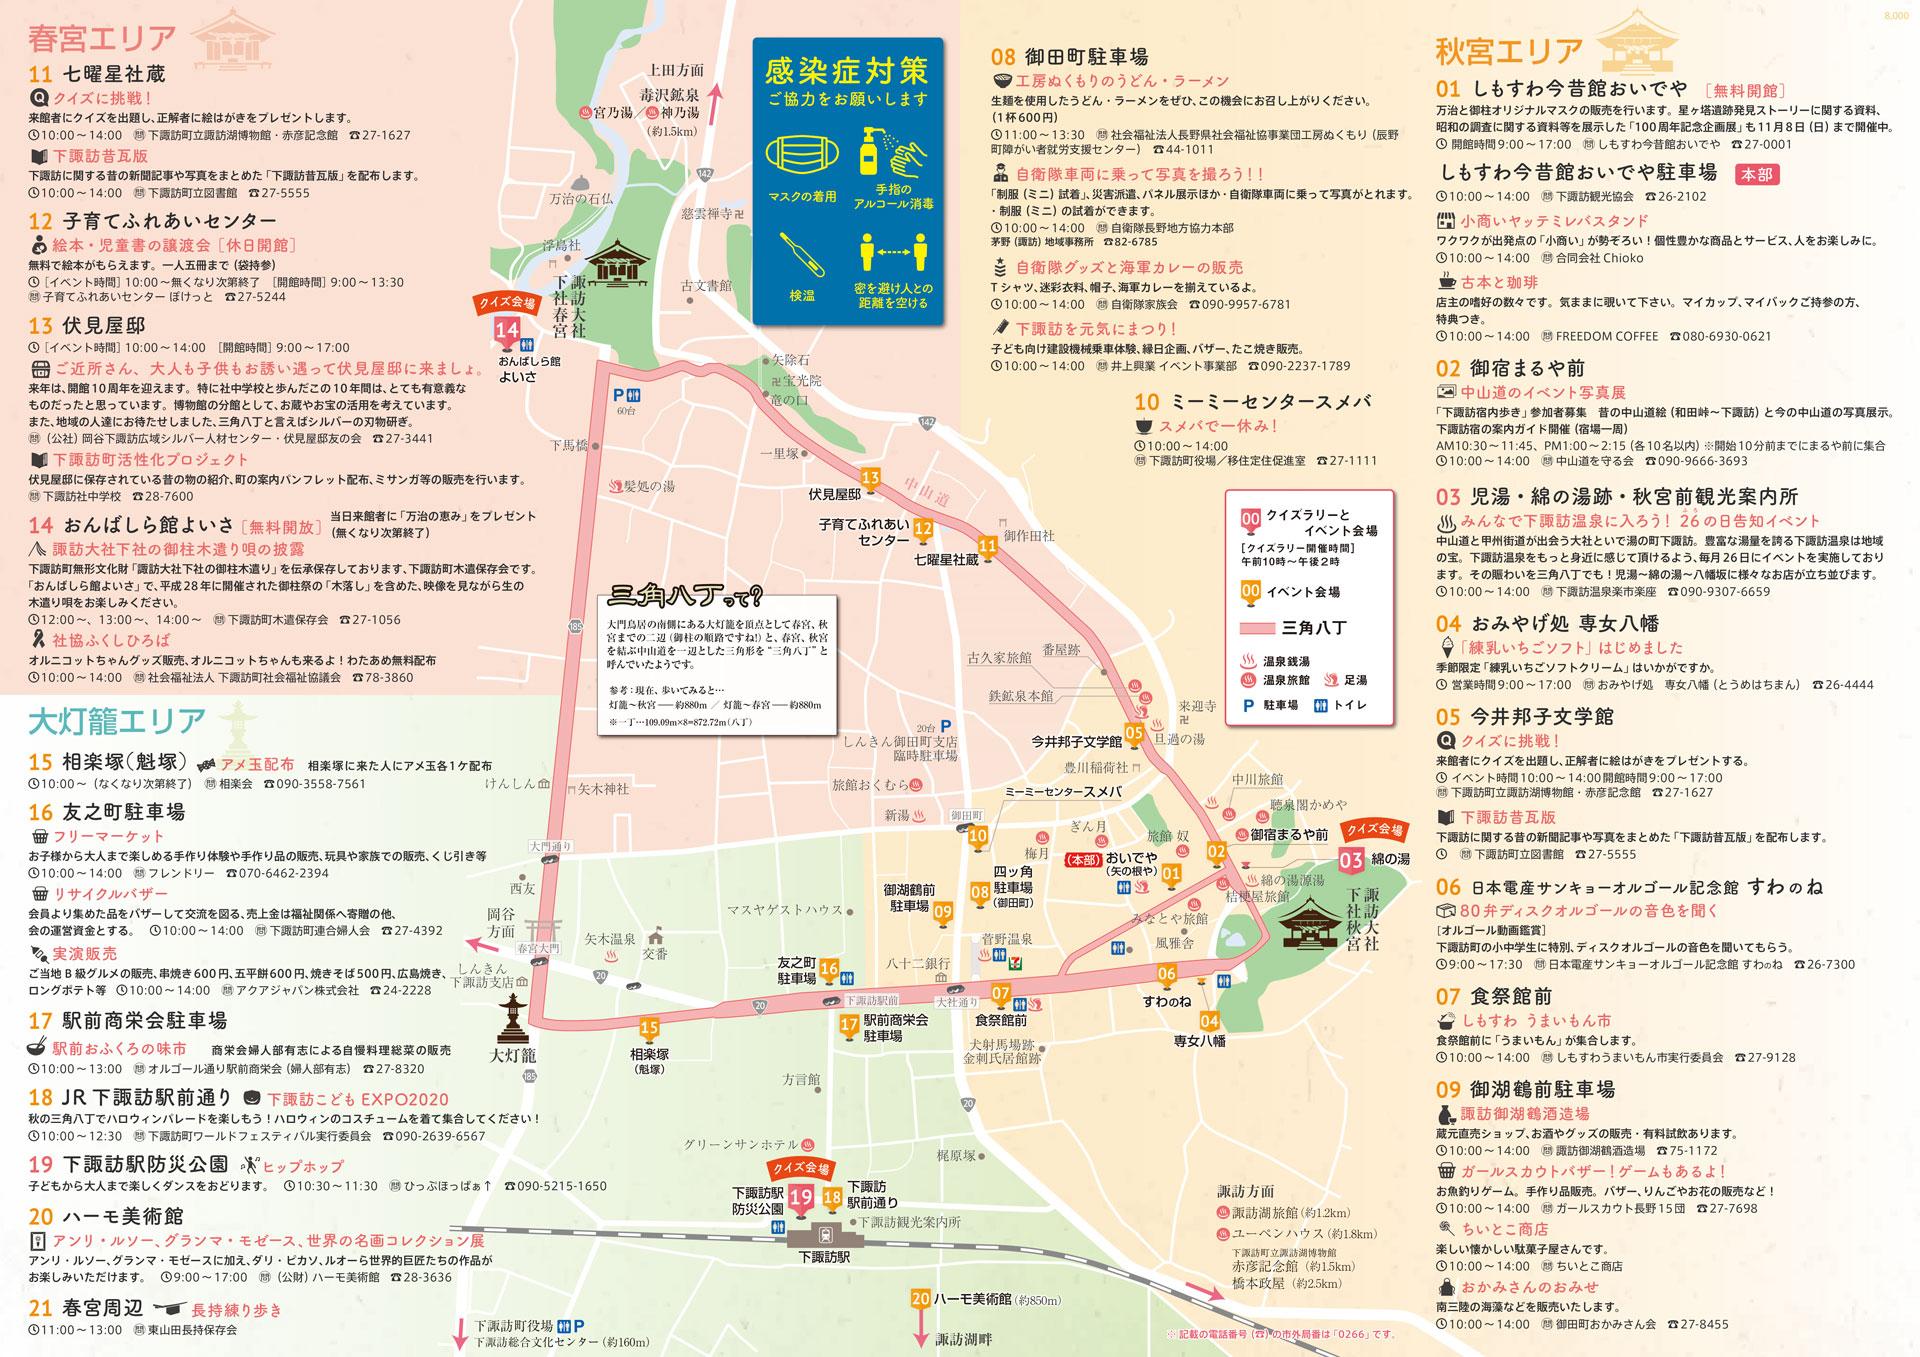 宿場町の趣が残る長野県下諏訪町でまち歩き「ぶらりしもすわ 三角八丁 ...